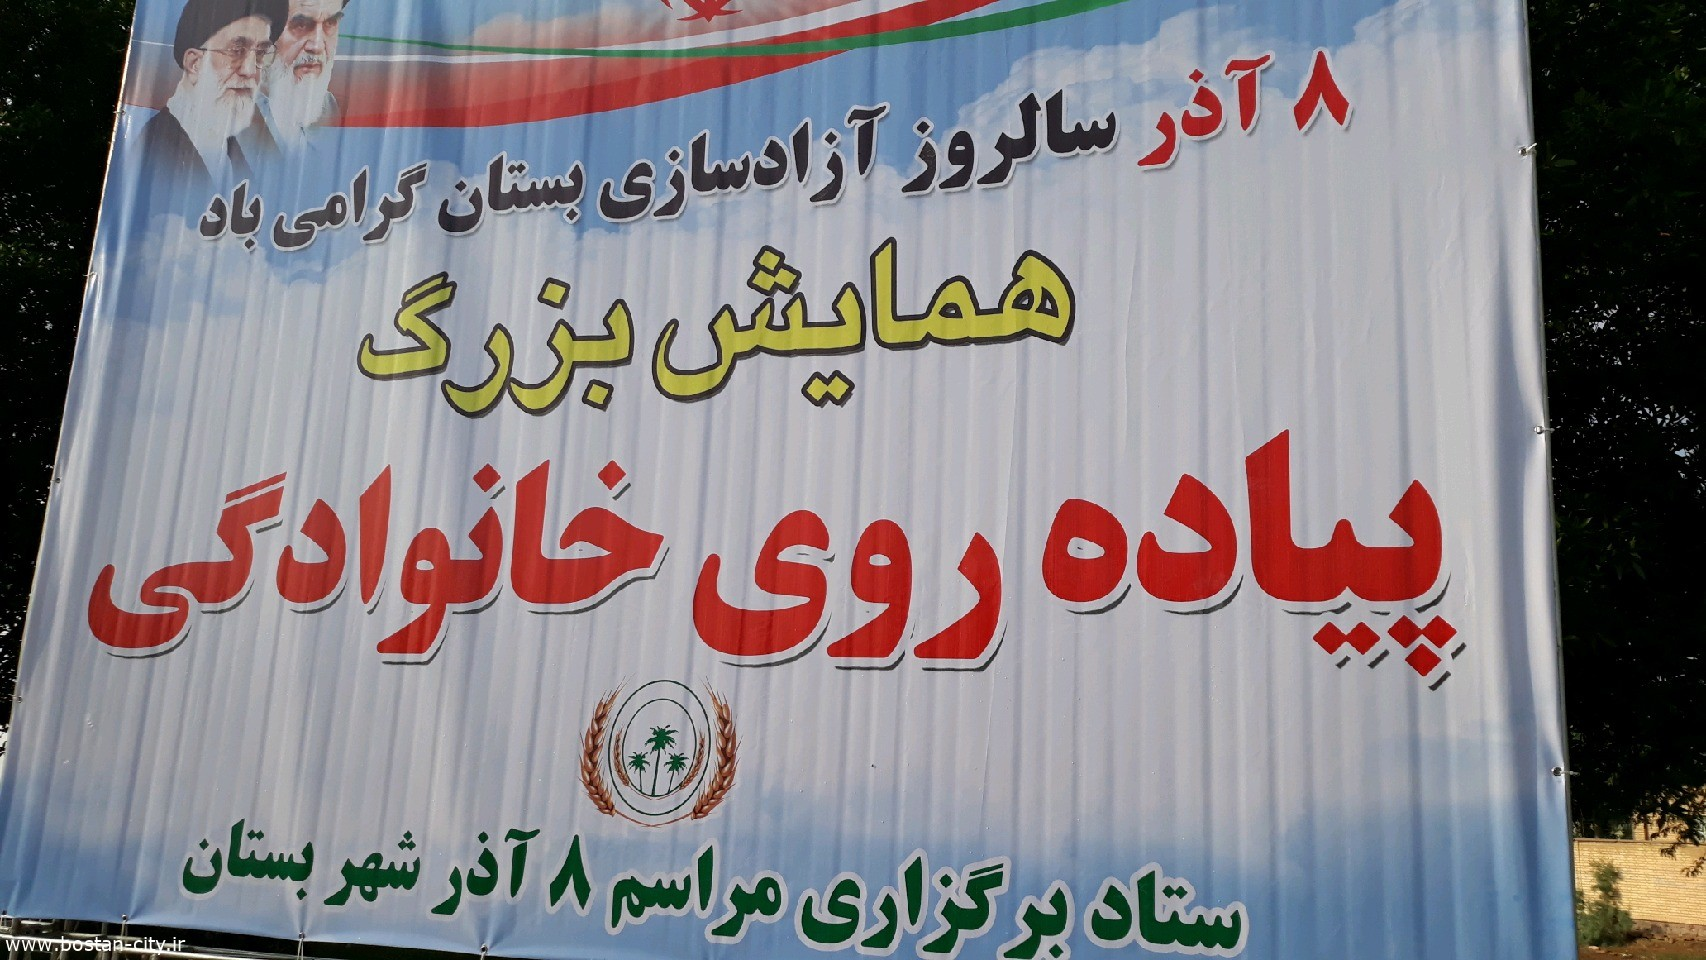 همایش پیاده روی خانوادگی در شهر بستان برگزار گردید